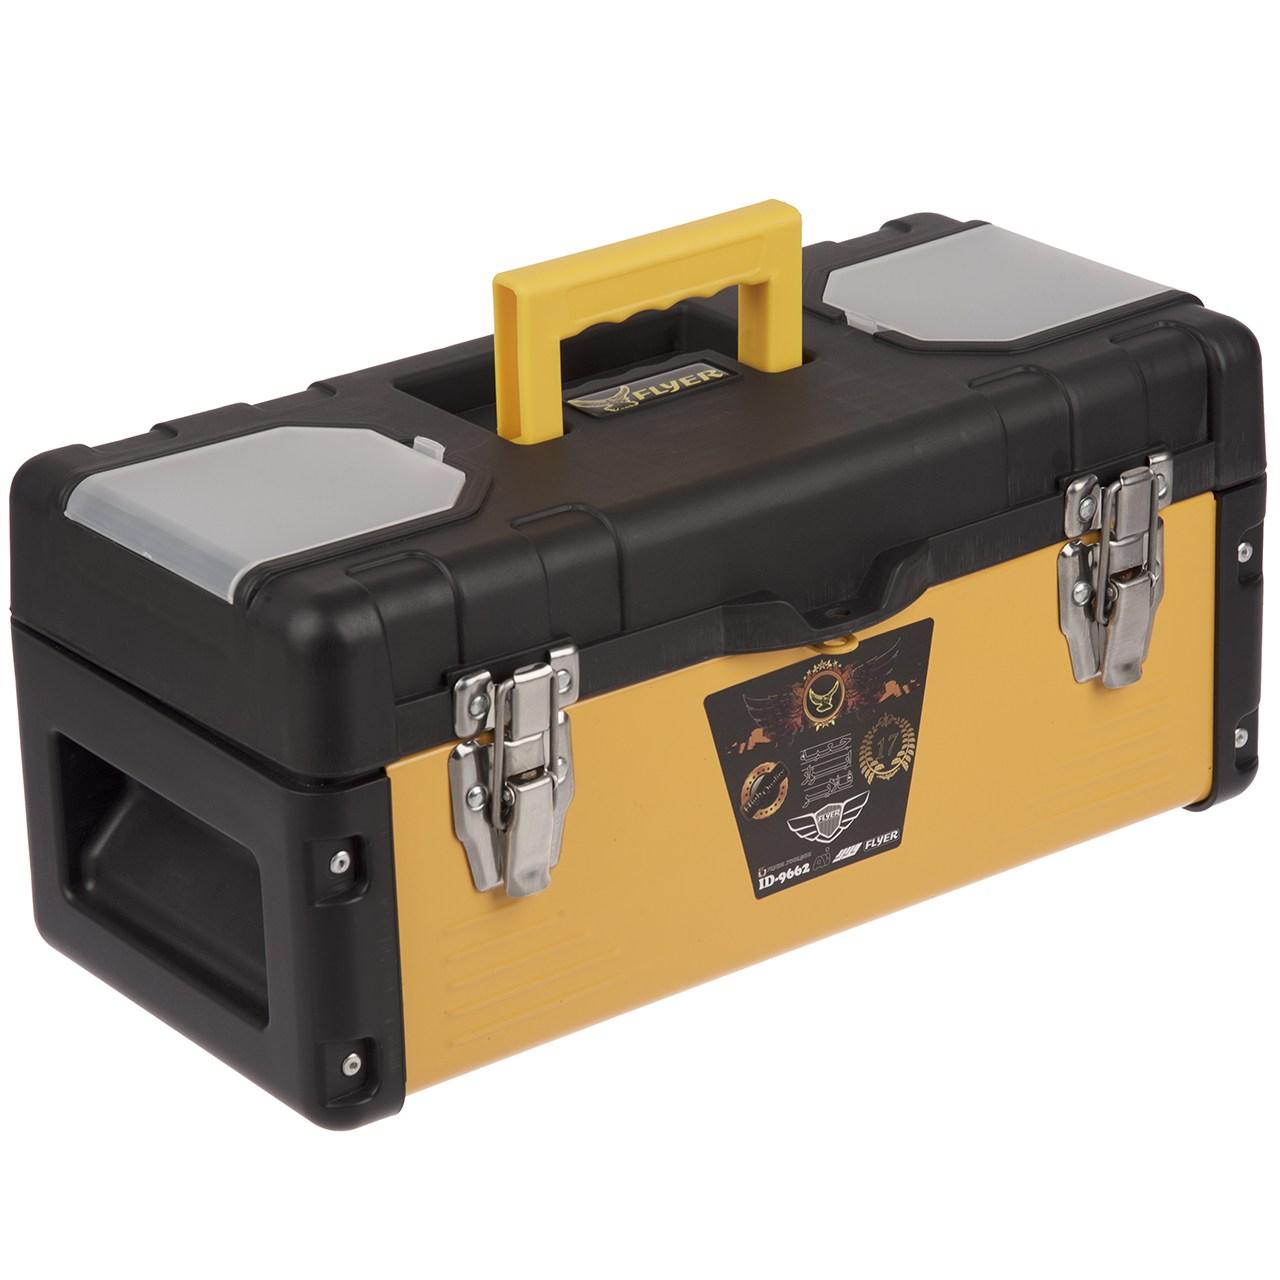 جعبه ابزار فلایر مدل ID-9662-17